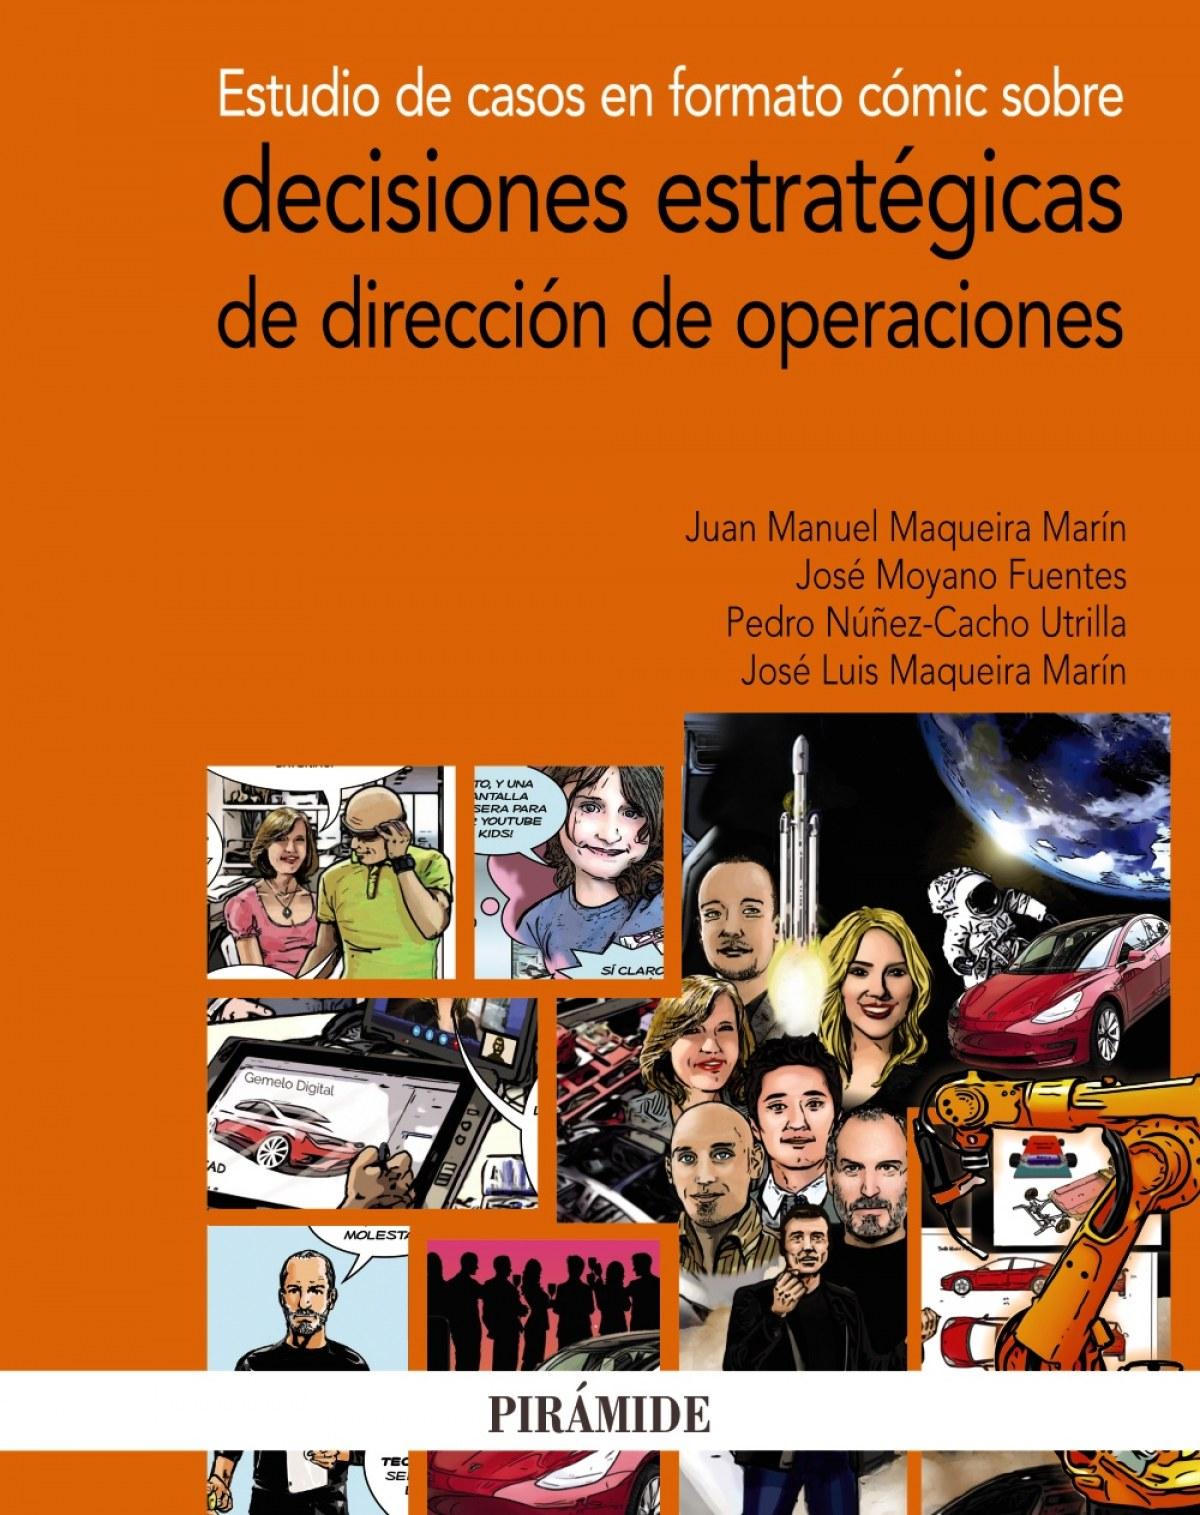 Estudio de casos en formato cómic sobre decisiones estratégicas d